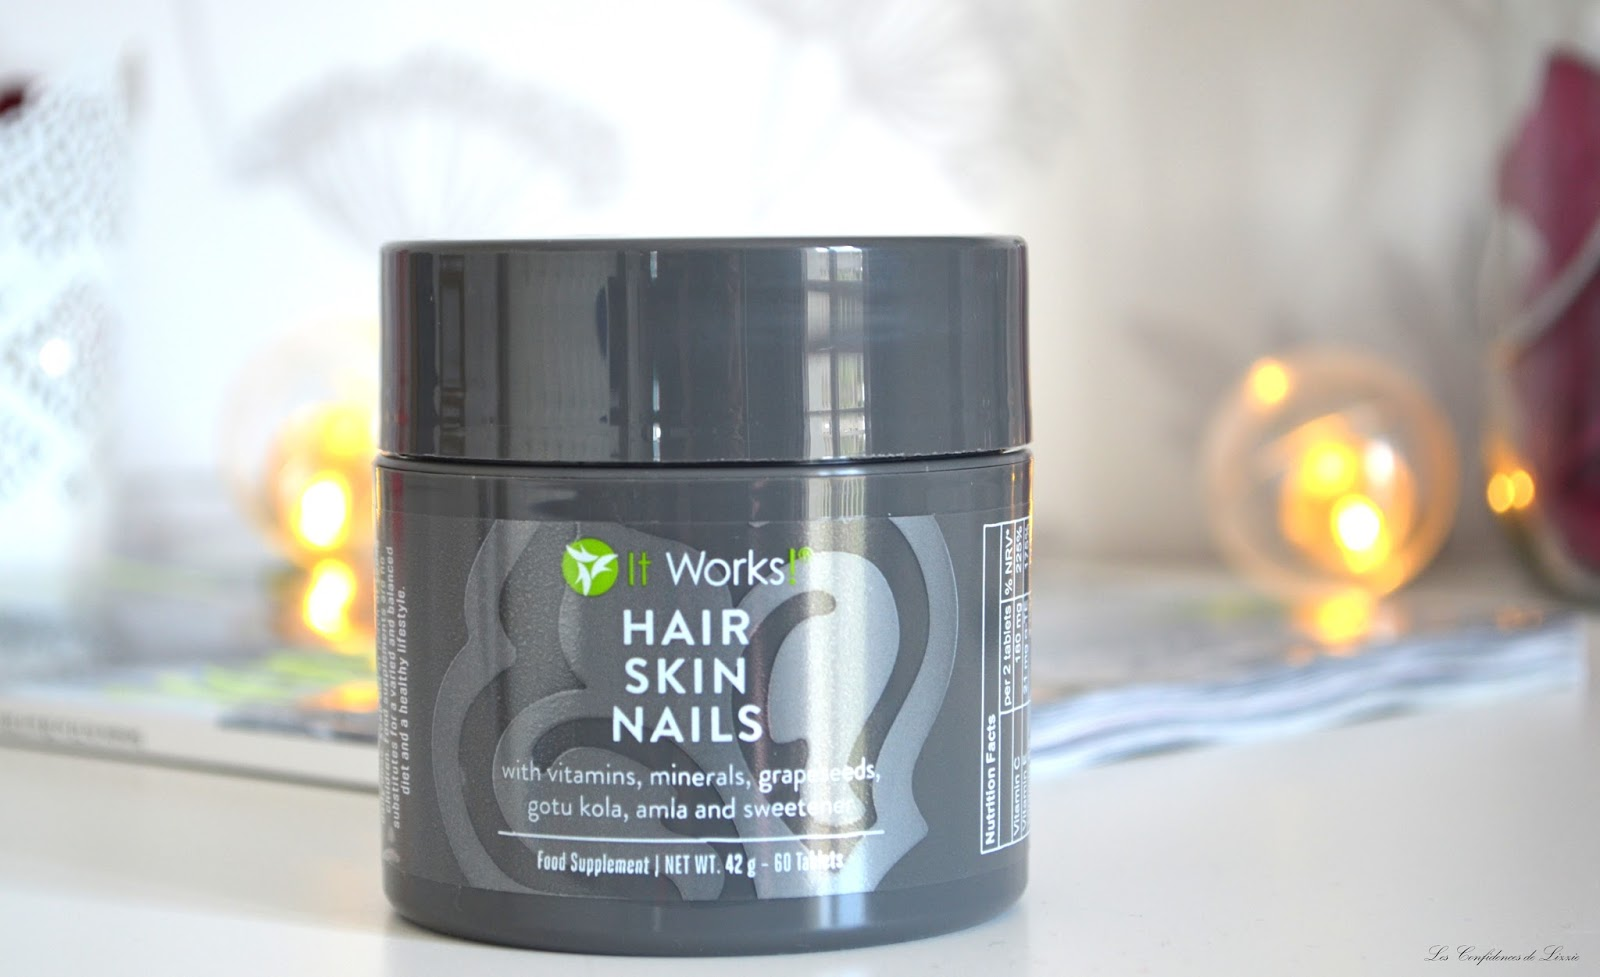 ... autre mais pour vous partager monexpérience avec le Hair Skin Nails